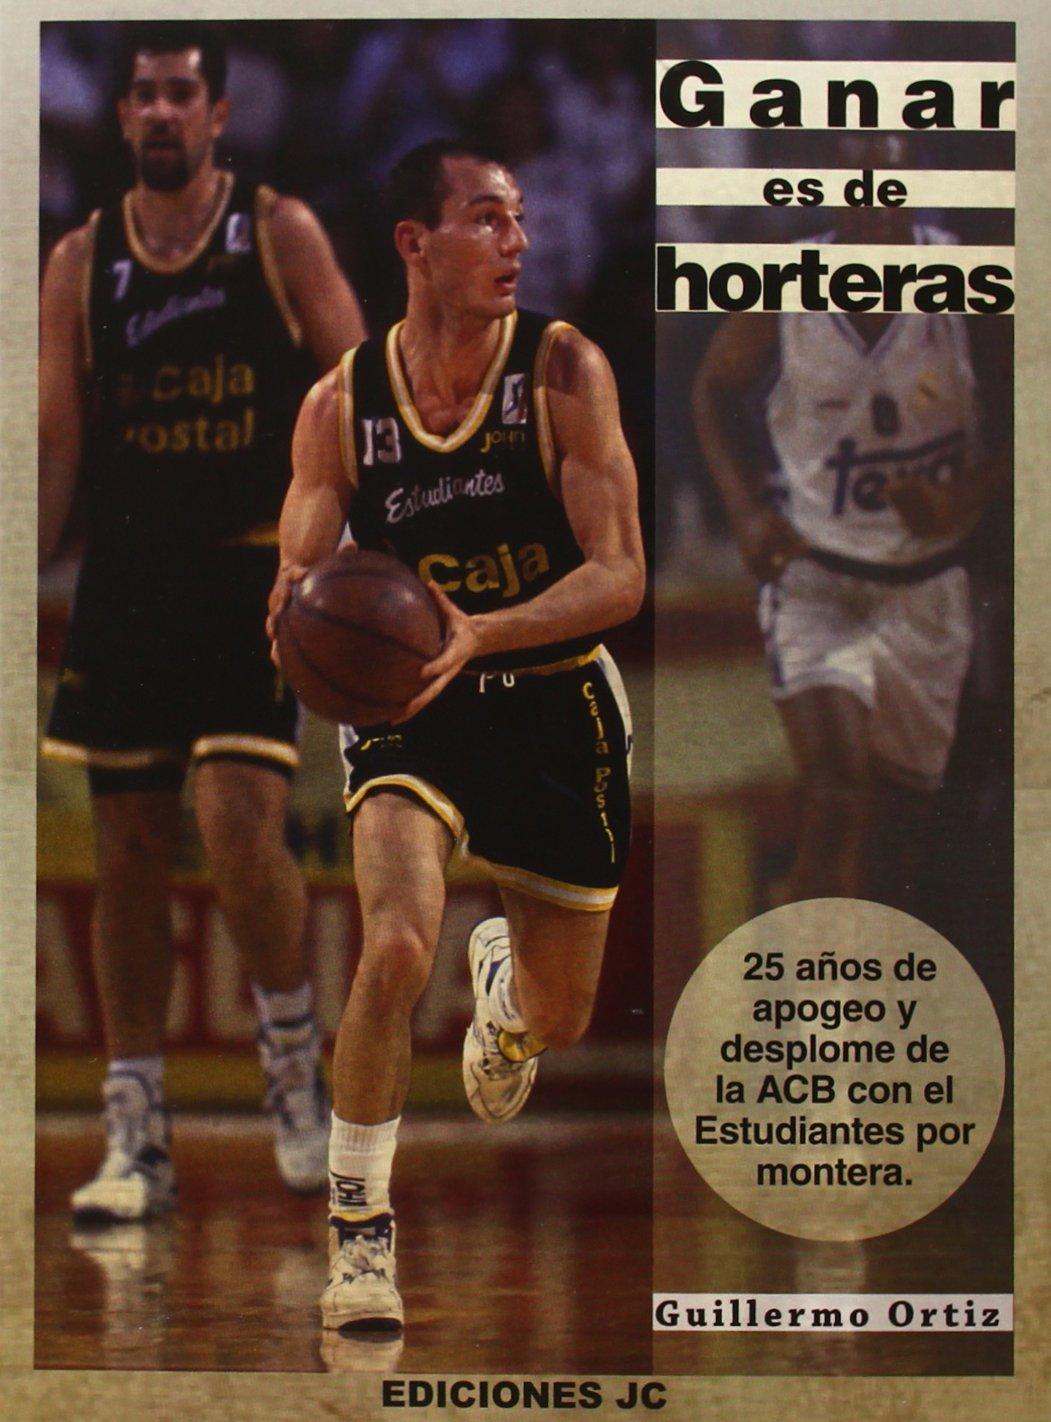 Ganar Es De Horteras (Baloncesto para leer) Tapa blanda – 19 jun 2014 Guillermo Ortiz López Pablo Martínez Arroyo JC Clement 8415448023